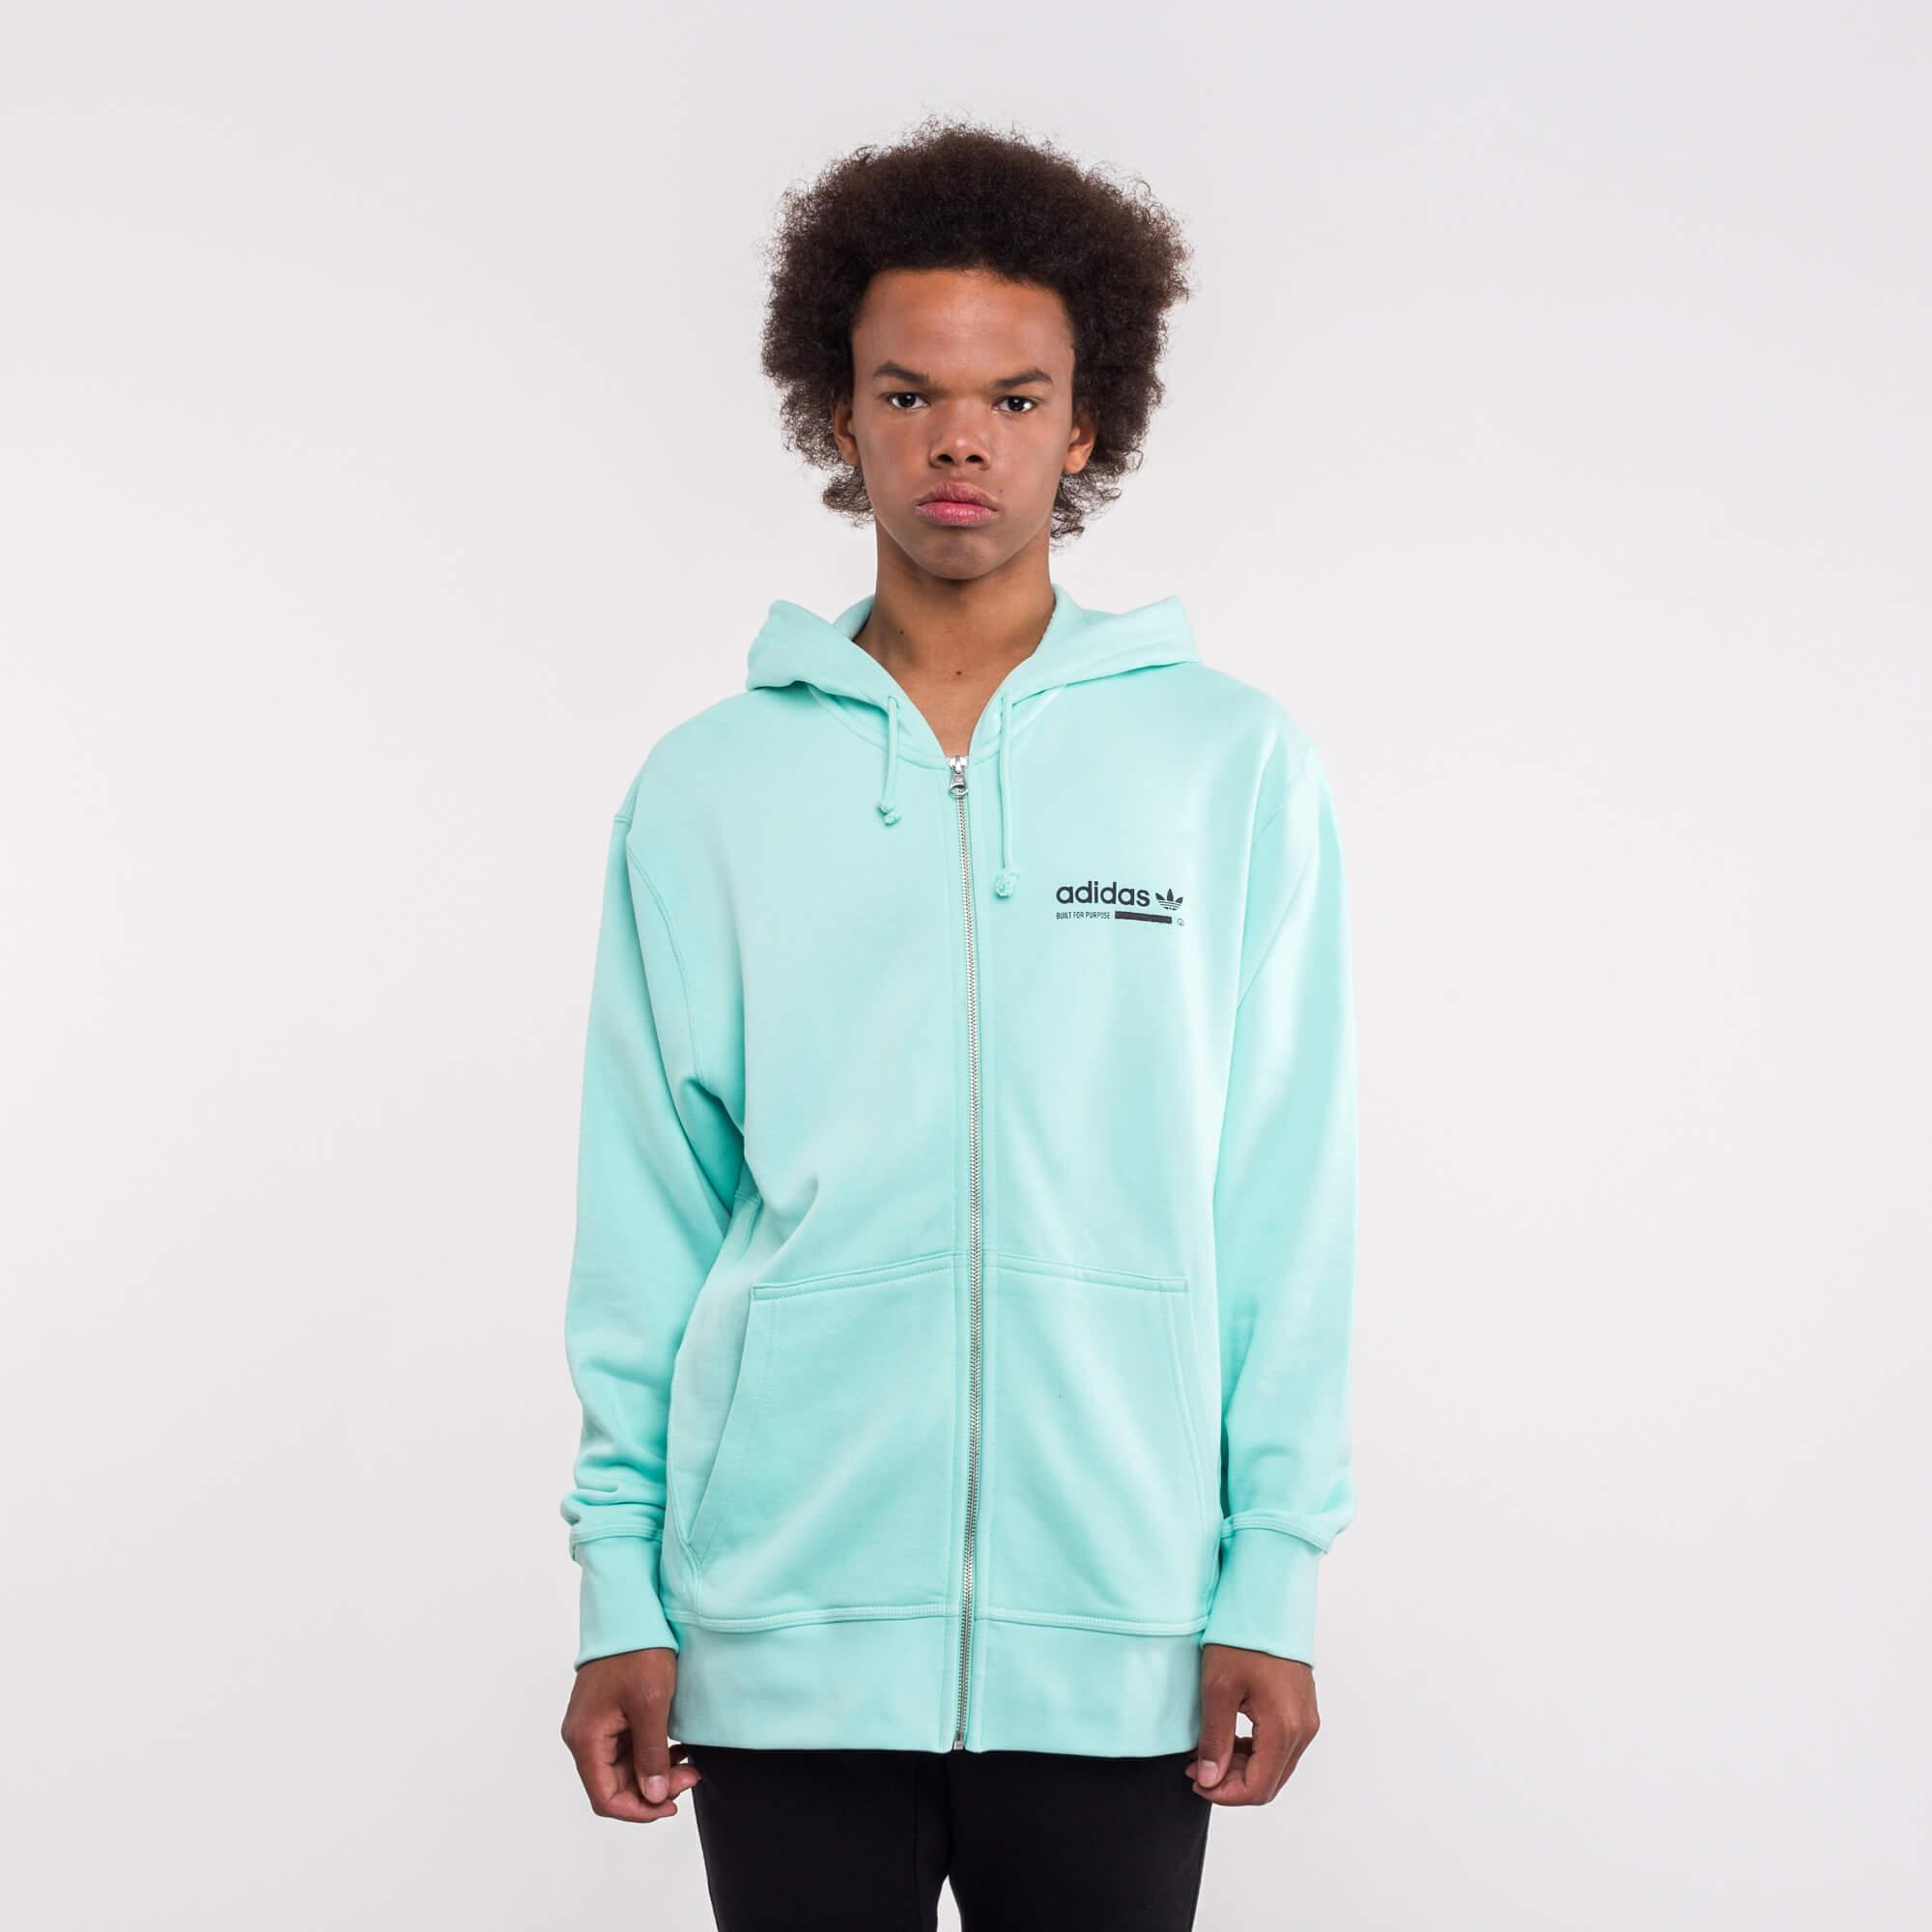 Bluza - Adidas Kaval Crew